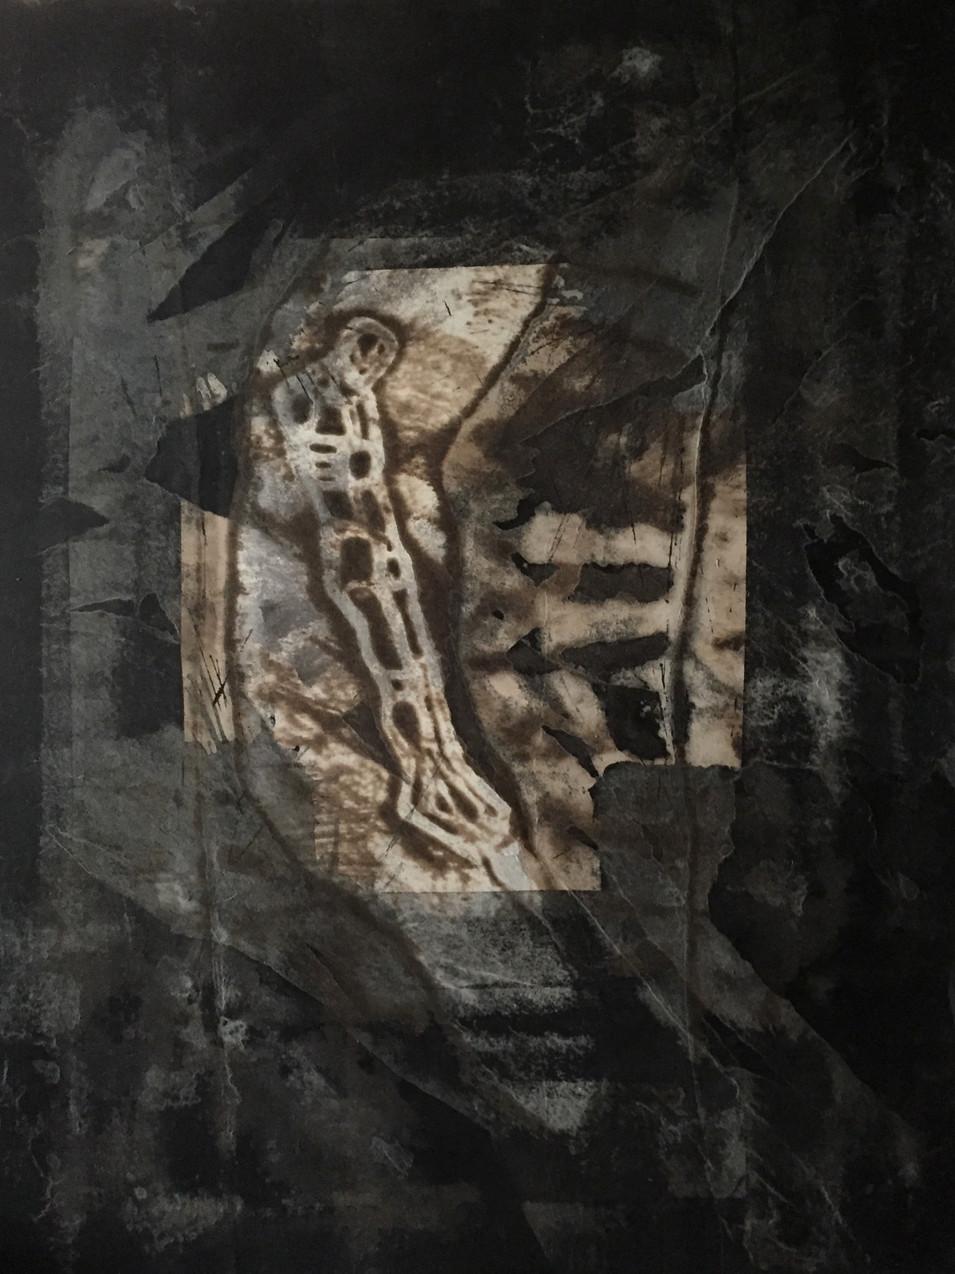 Michael Morgner | o.T. | o.J. | Tuschlavage mit Asphalt, Collage, Decollage u. Schablone auf Papier auf Leinwand kaschiert | 2010 | 92 x 71 cm | 6200 Euro